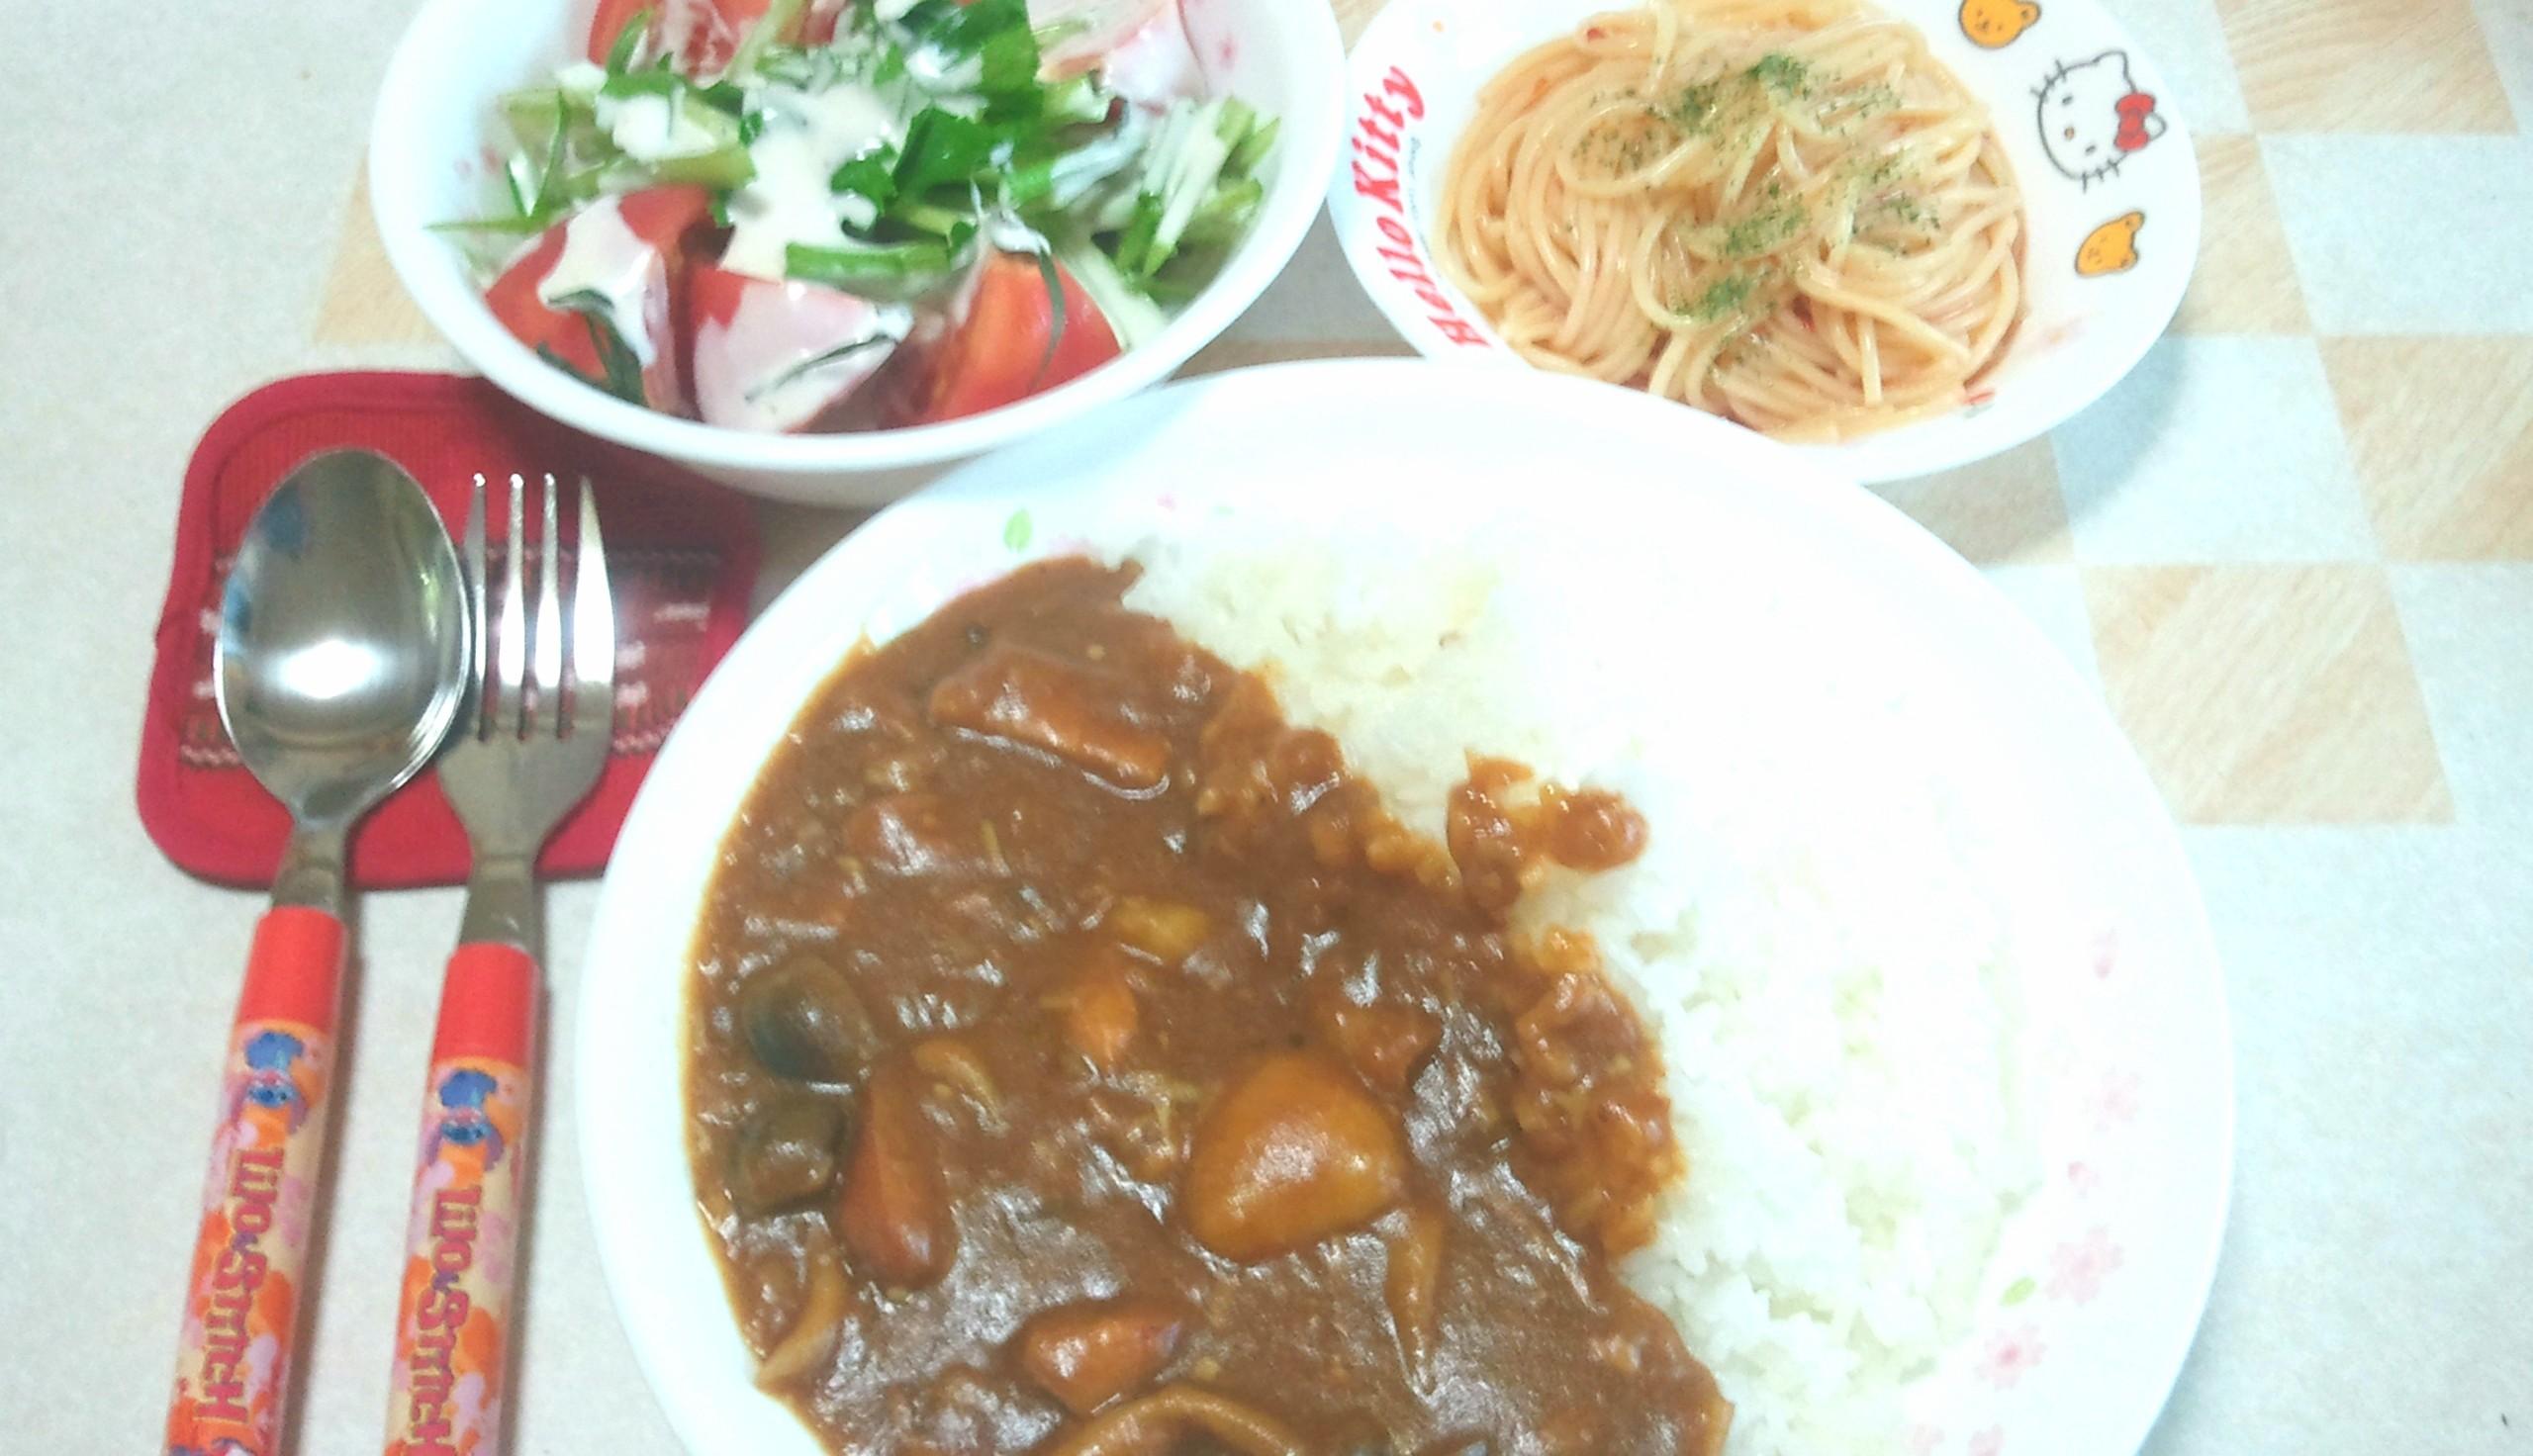 美味しいカレー,愛媛県松山市,定食屋パール,学生向け食堂,線筋筋痛症